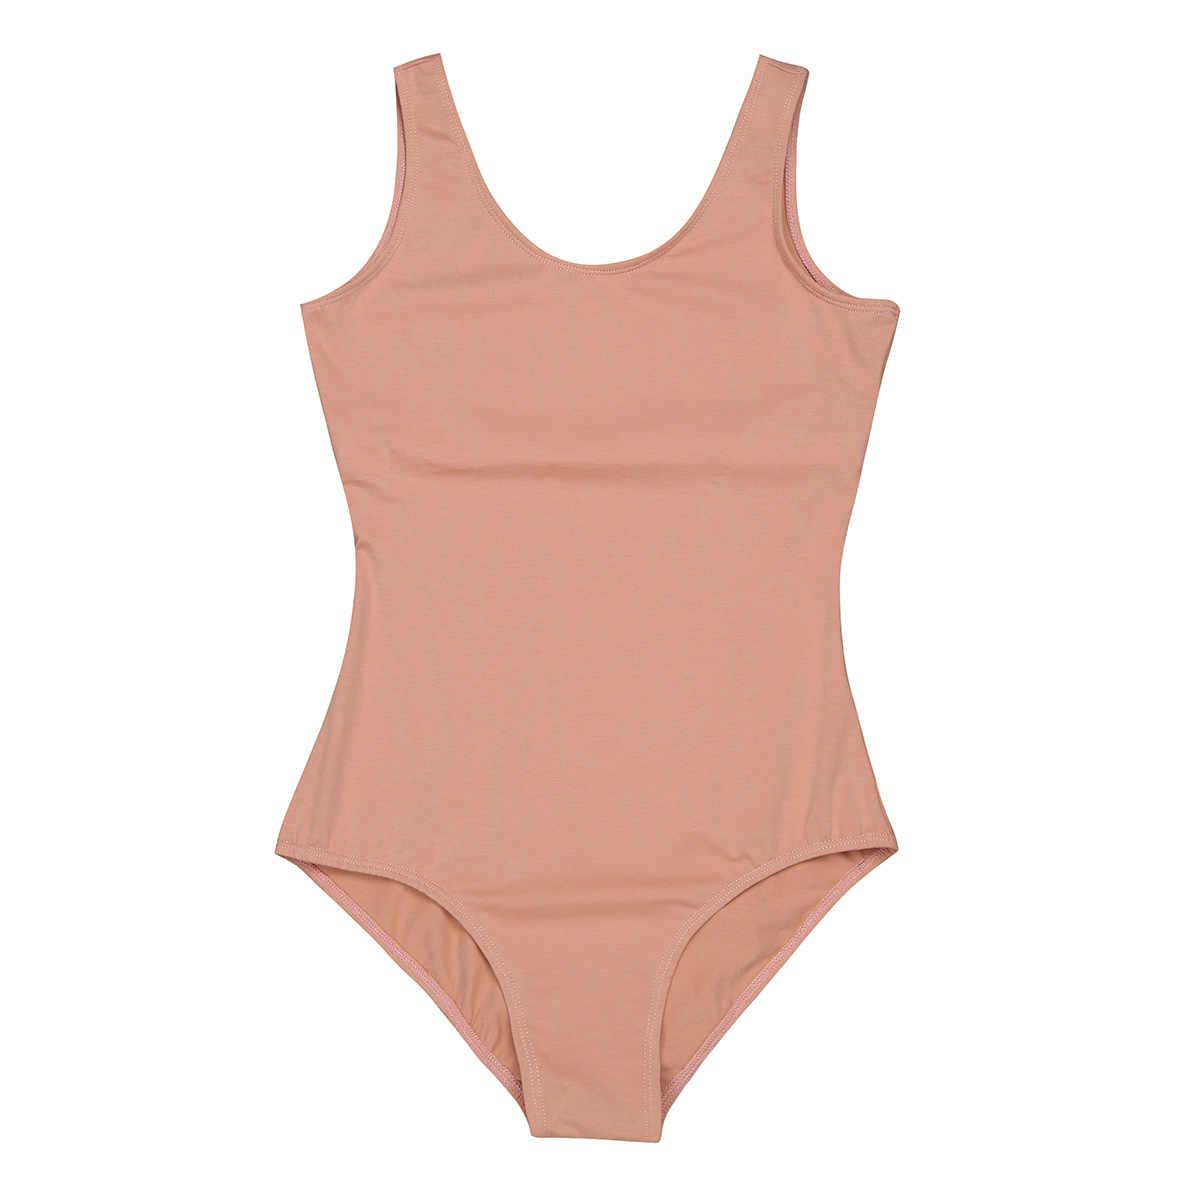 TiaoBug, женский, взрослый, эластичный, без рукавов, со встроенным бюстгальтером, для занятий балериной, балериной, танцами, трико, гимнастика, трико, боди